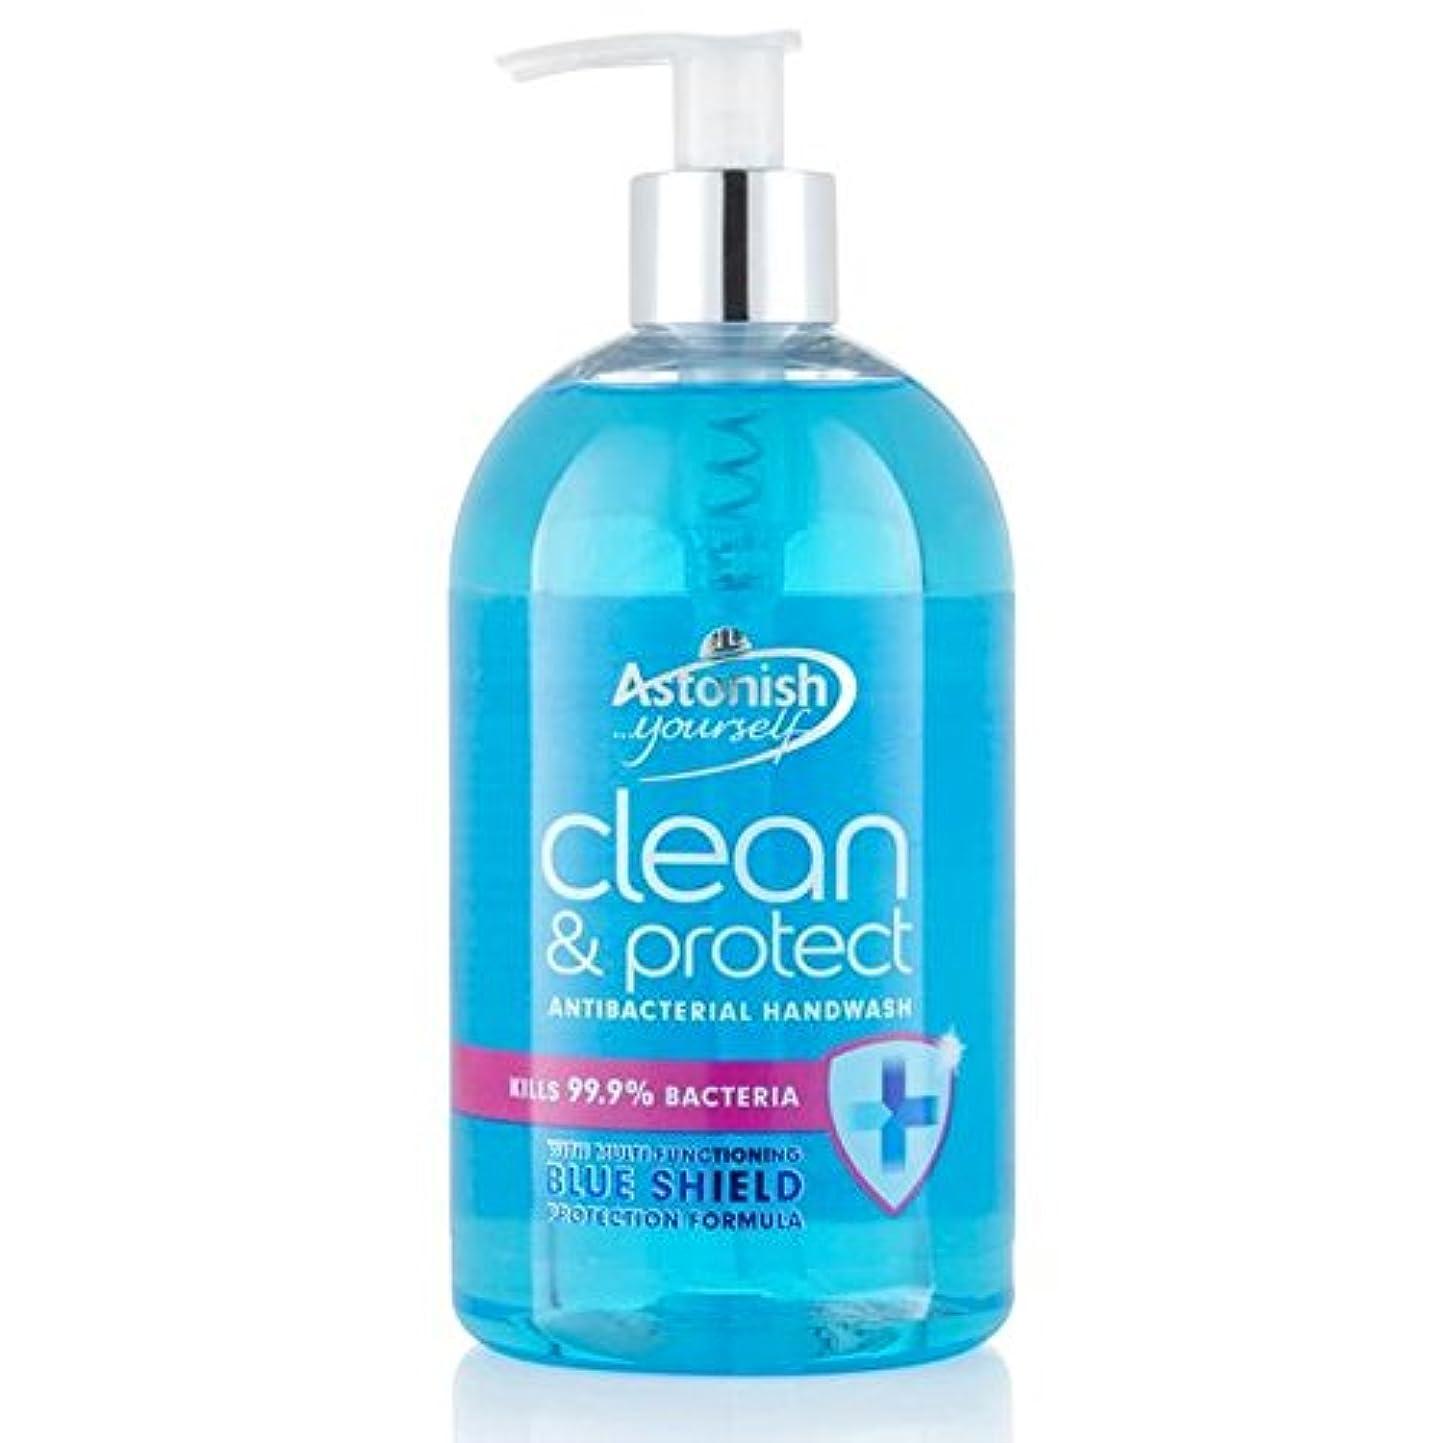 オークション装置サイトクリーン驚か&ハンドウォッシュ500ミリリットルを保護 x2 - Astonish Clean & Protect Hand Wash 500ml (Pack of 2) [並行輸入品]